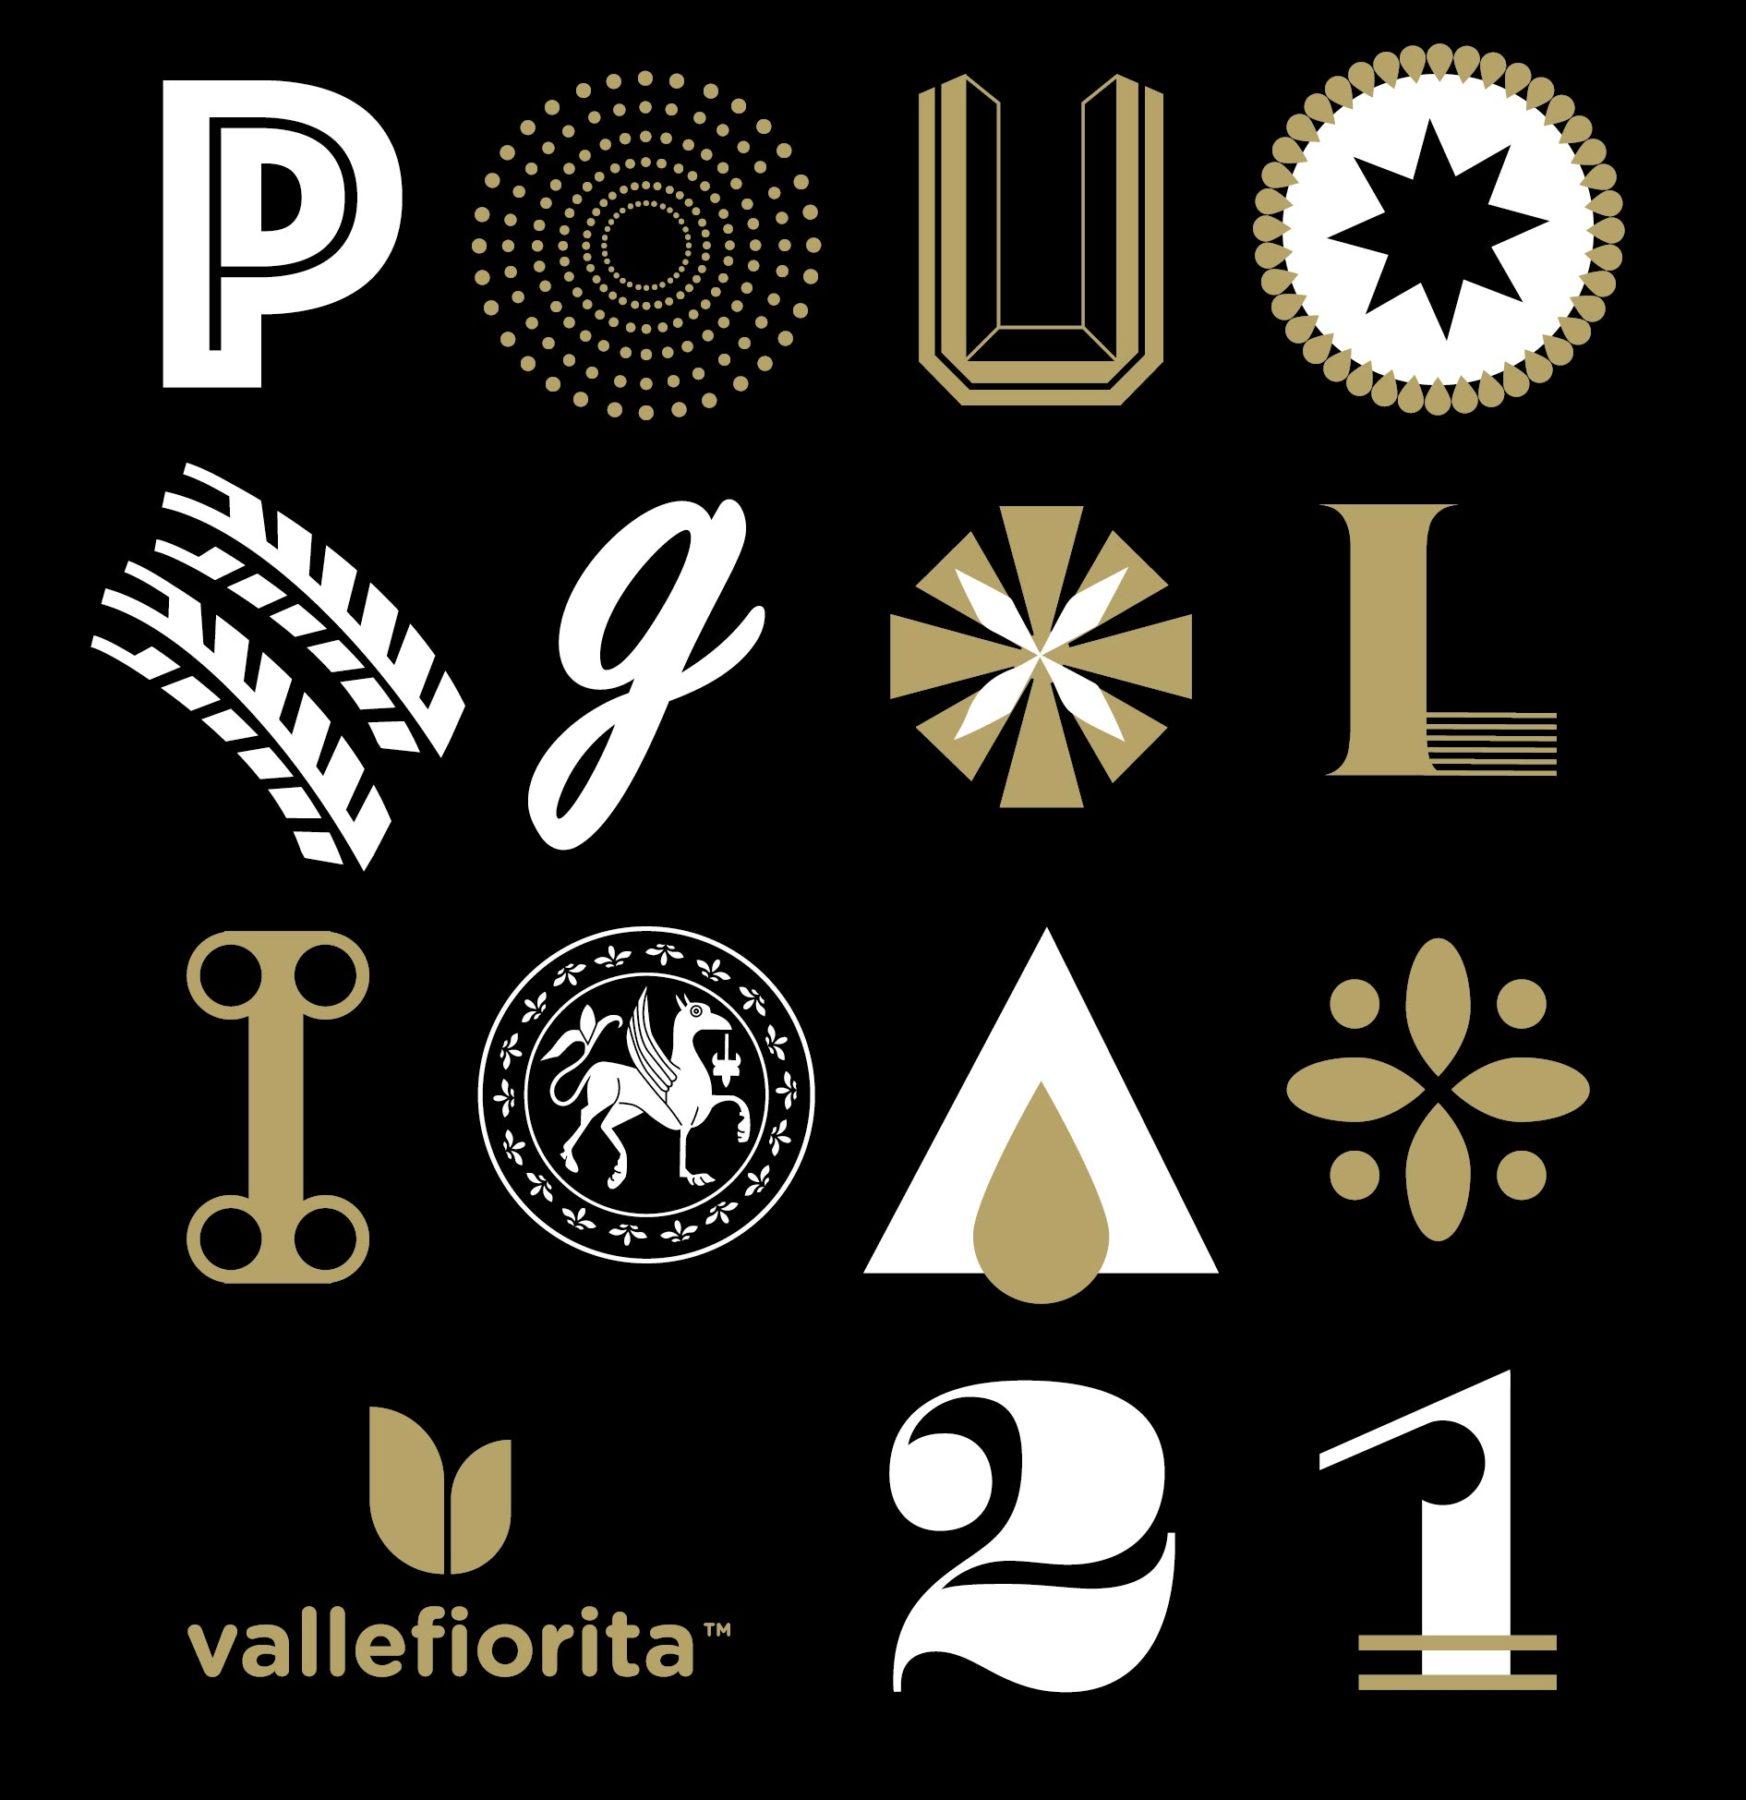 calendario vallefiorita4 trx 03